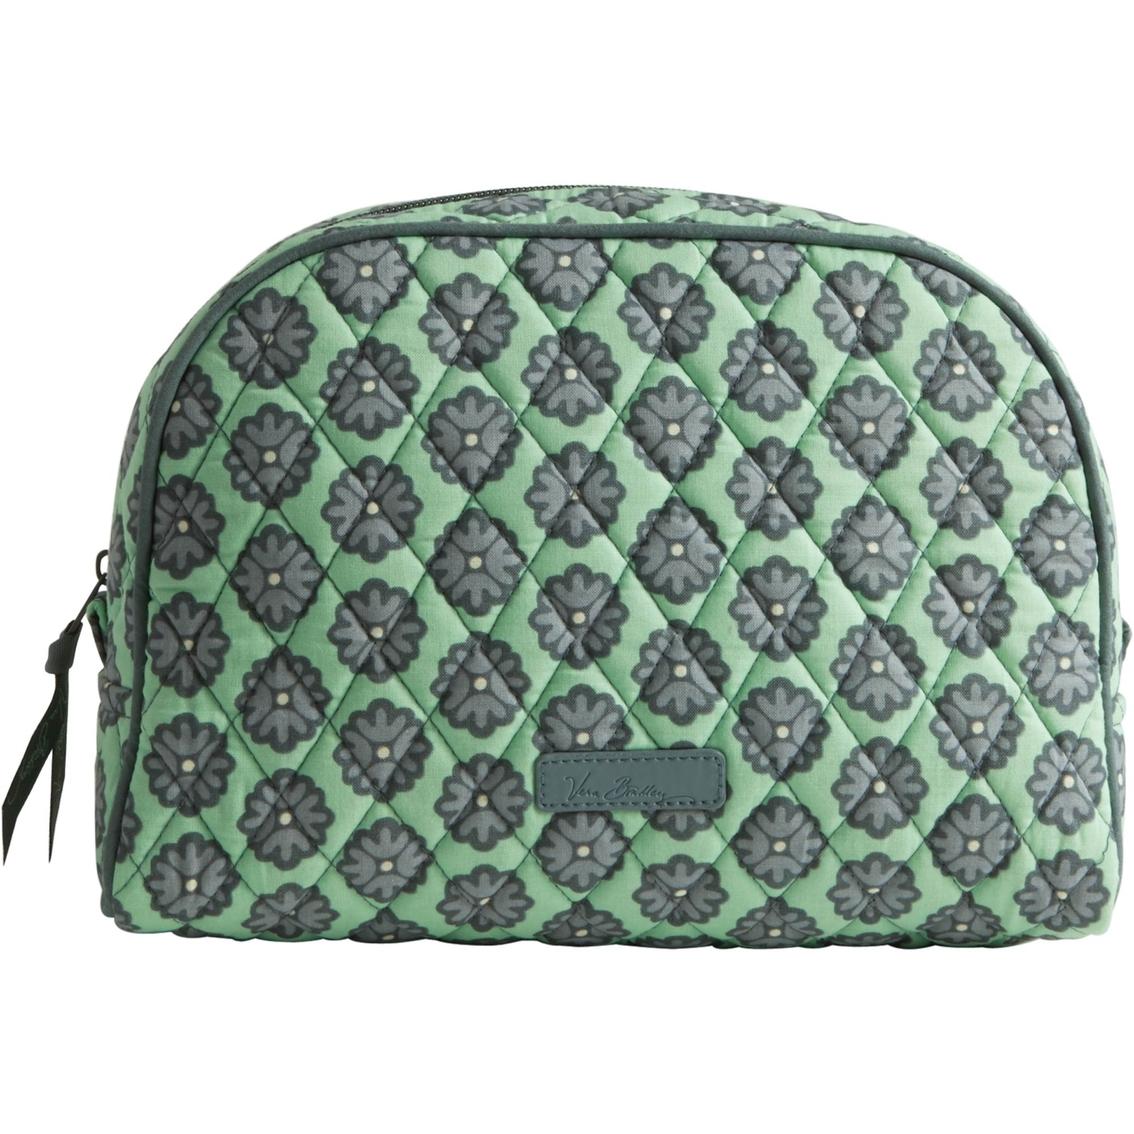 Vera Bradley Large Zip Cosmetic Bag Nomadic Blossoms